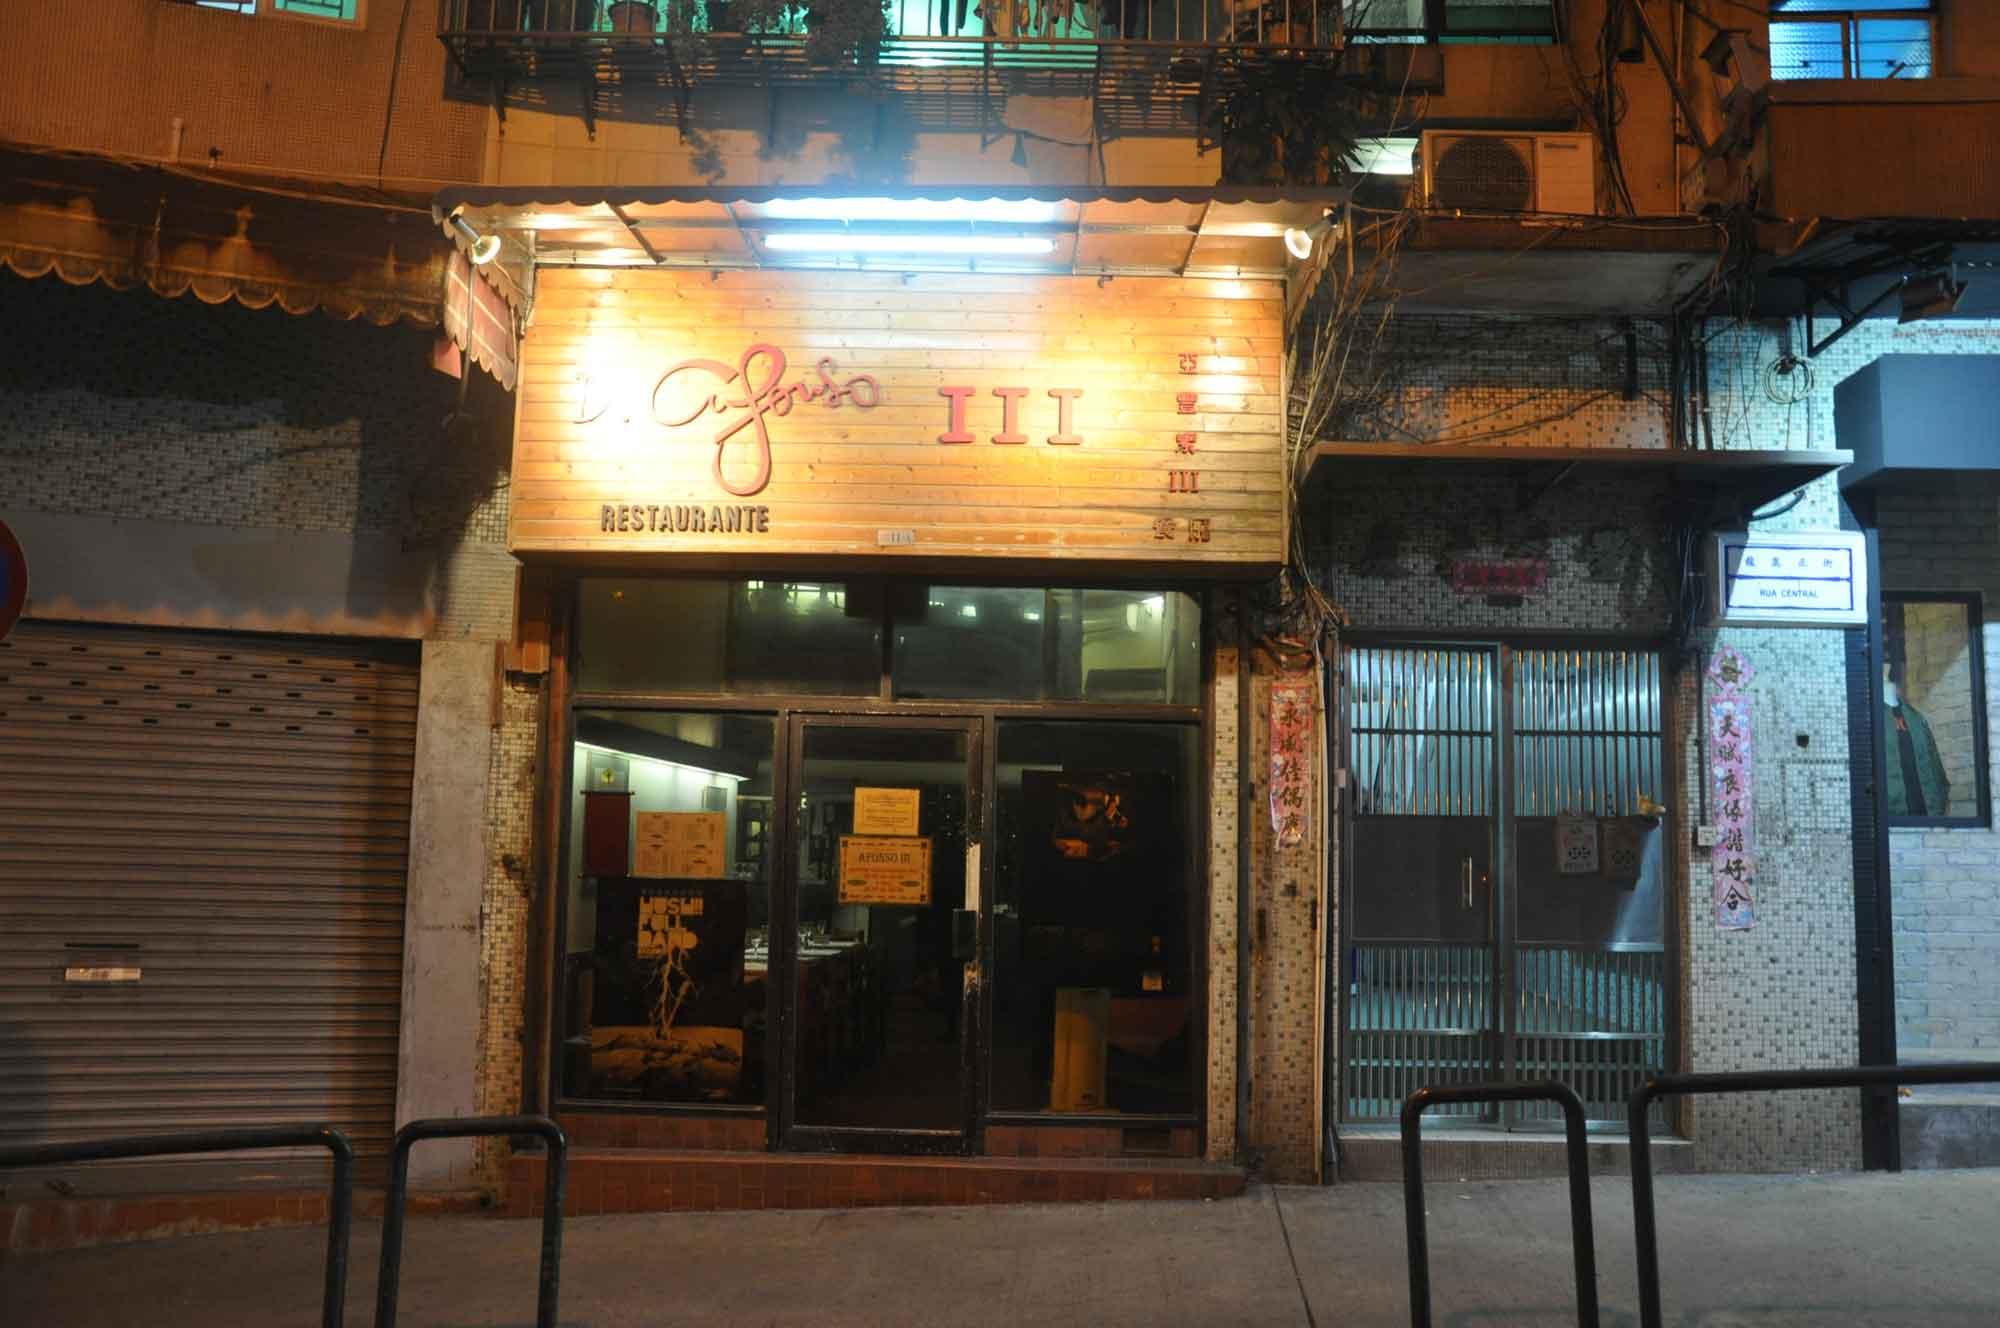 Afonso III Macau